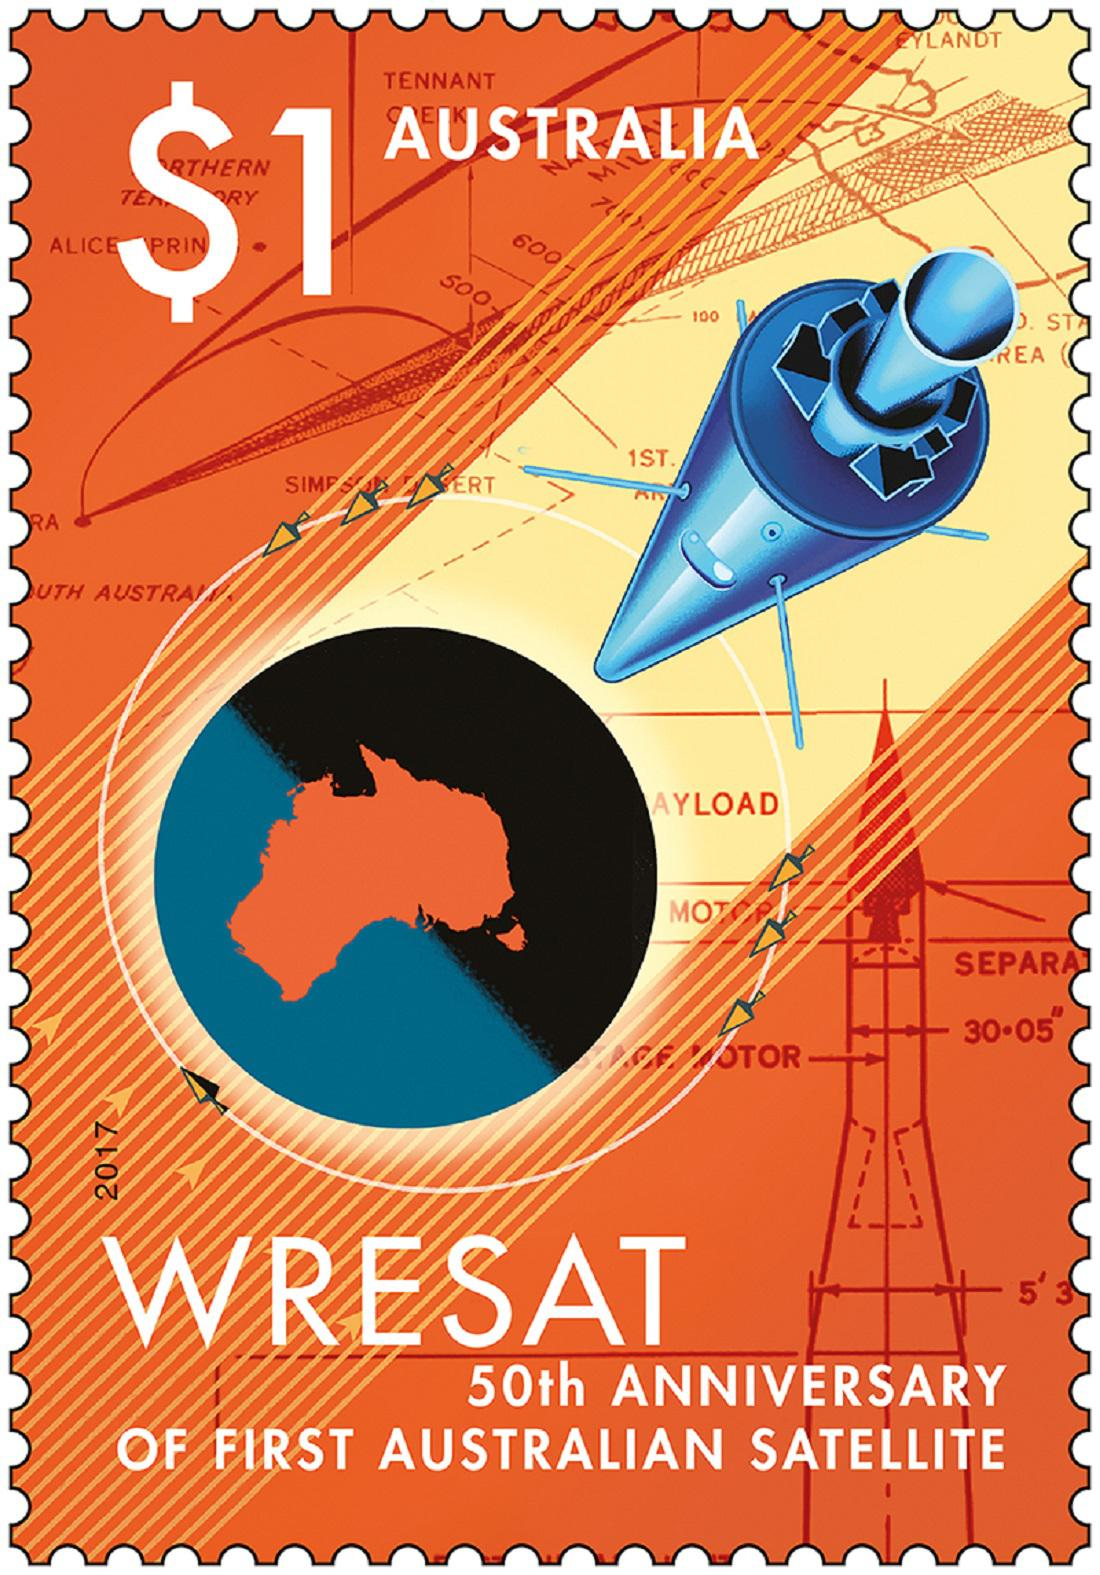 Letos vydaná známka slaví první vypuštění australského satelitu